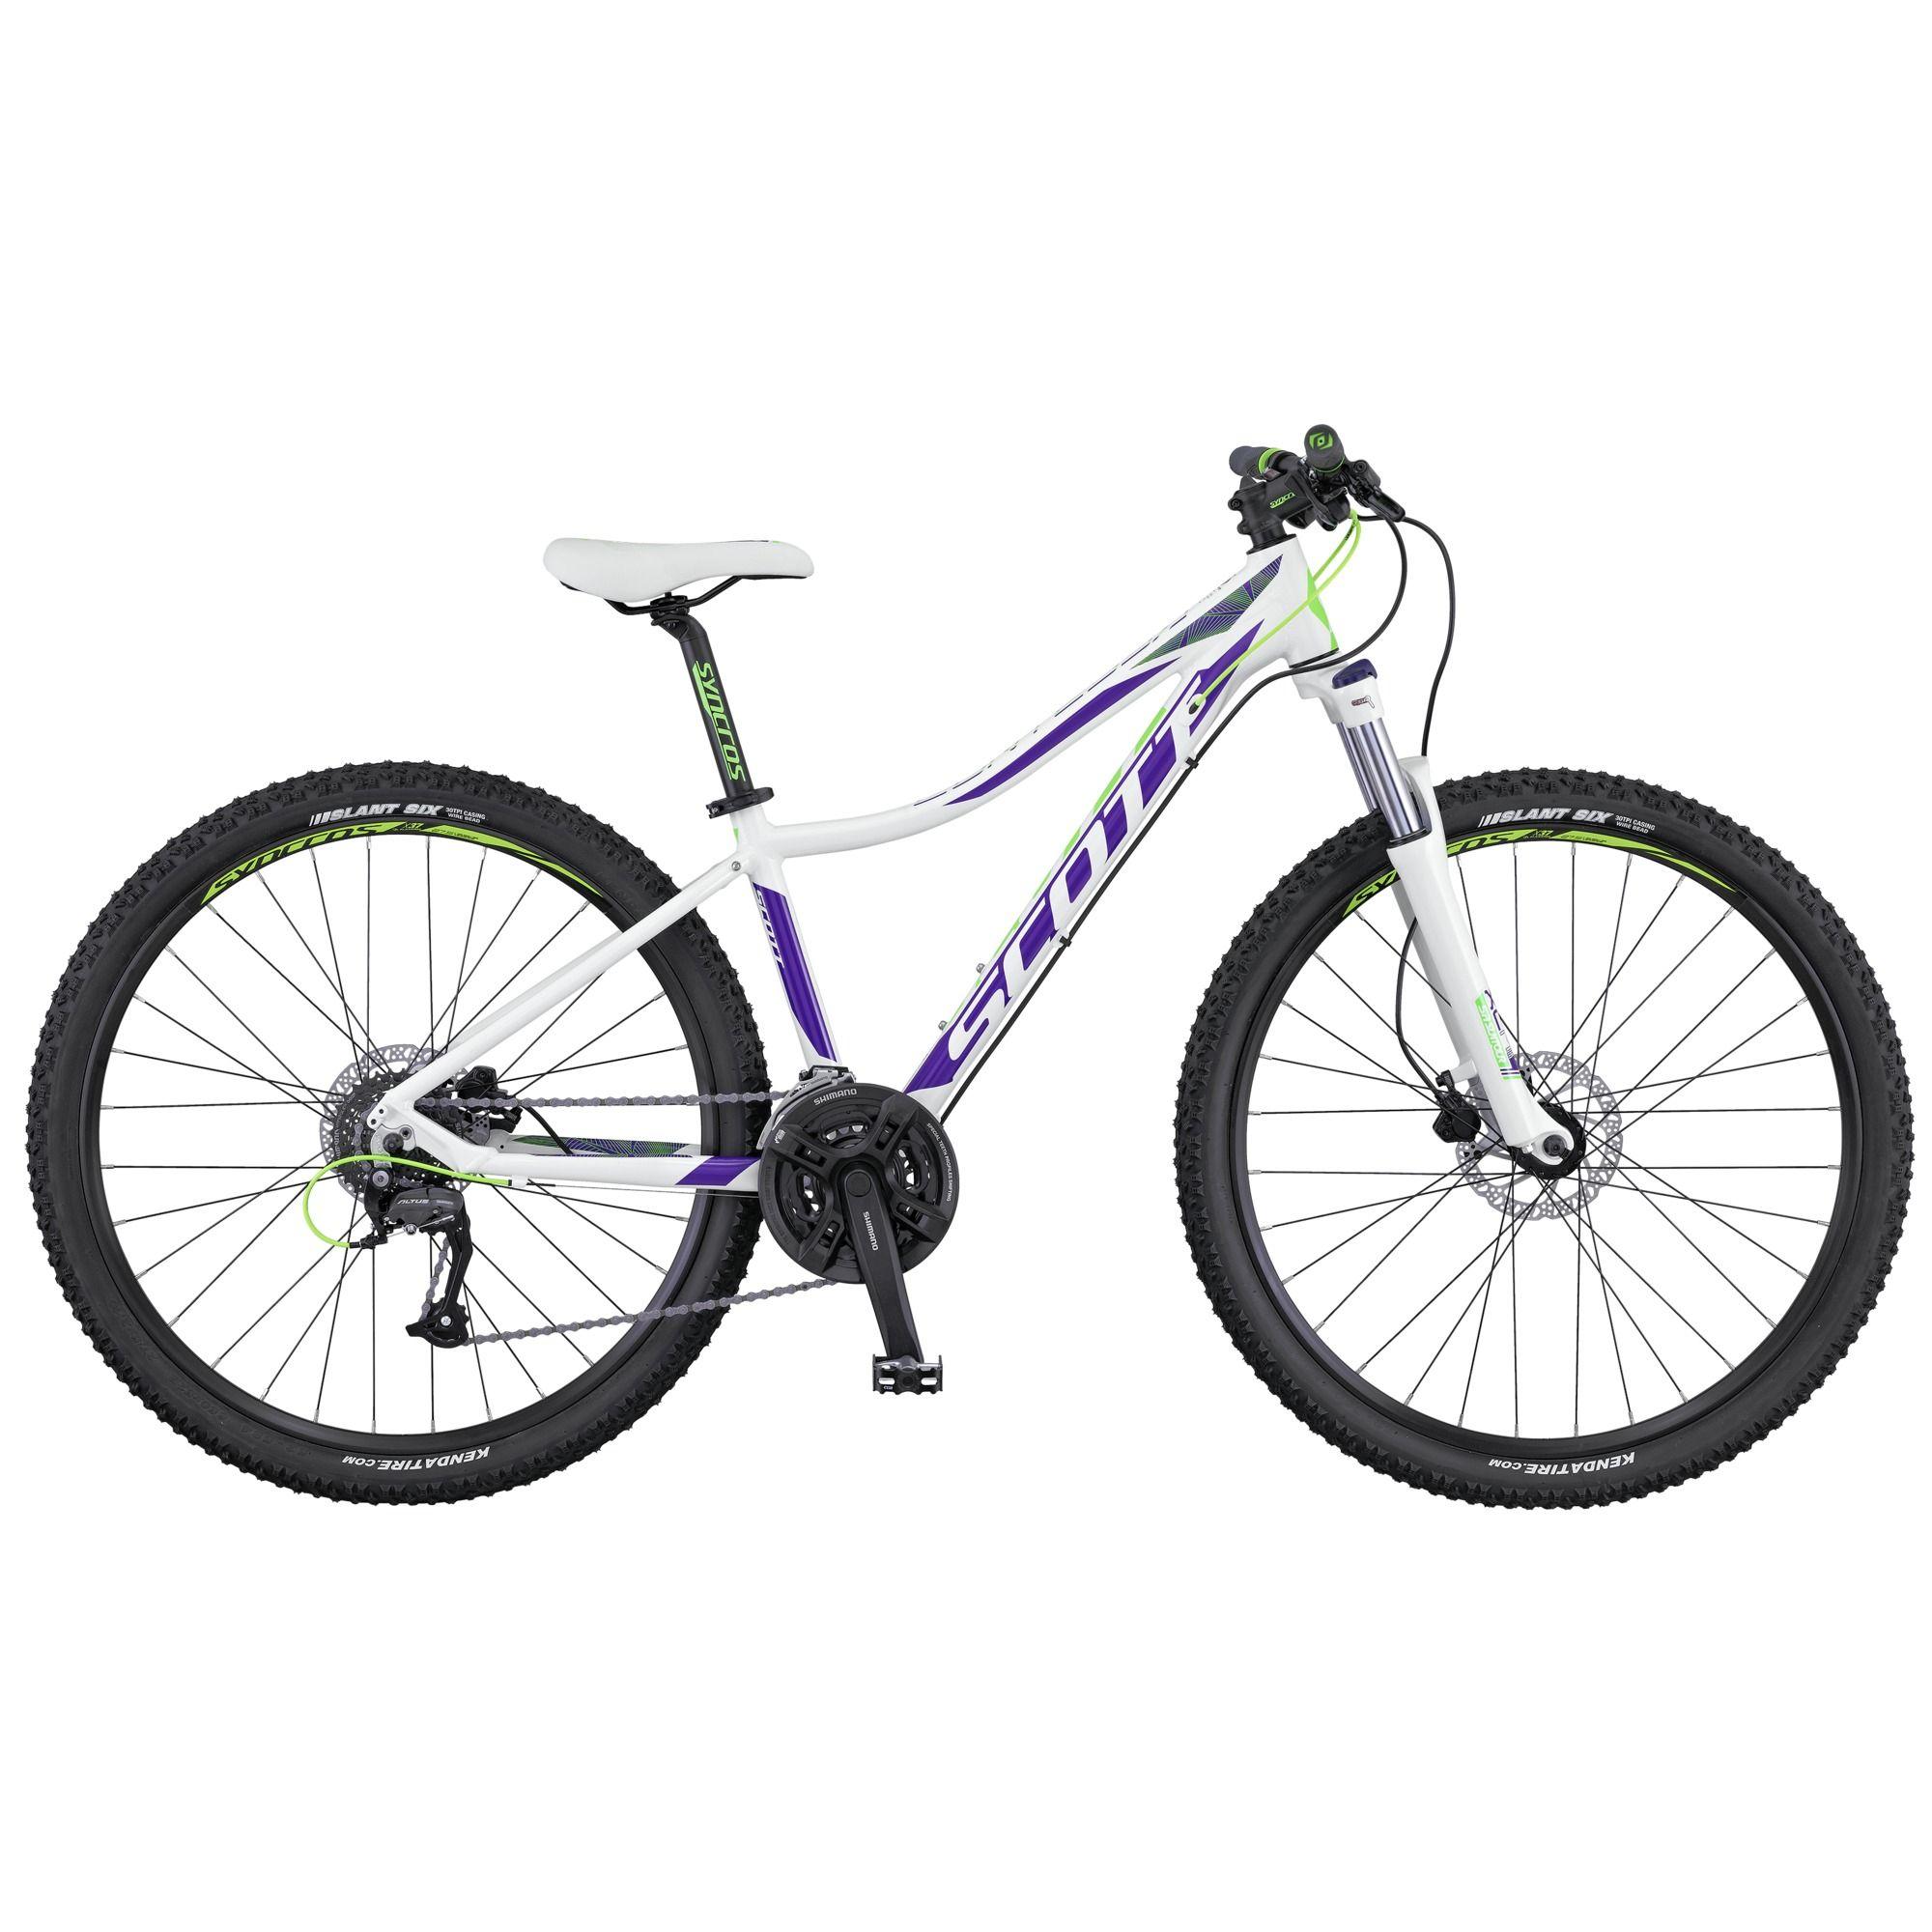 Велосипед ScottЖенские<br>Если вы следите за здоровьем и фигурой и привыкли все свободное время проводить активно и подвижно, то обратите внимание на стильный, легкий и маневренный горный велосипед для девушек Scott Contessa 720. Модель получилась не только легкой, но и прочной. Это стало доступно из за использования алюминиевого сплава при изготовления рамы. Амортизационная вилка Suntour XCR-RL-R смягчит все неровности дороги и не даст устать рукам от постоянной тряски на бездорожье. Трансмиссия любительского уровня Shimano Altus.<br><br>year: 2016<br>цвет: белый<br>пол: женский<br>тип рамы: хардтейл<br>уровень оборудования: любительский<br>длина хода вилки: от 100 до 150 мм<br>тип заднего амортизатора: без амортизатора<br>блокировка амортизатора: да<br>рулевая колонка: GW 1SI110 OE integ.<br>вынос: HL-D507A, 31.8 мм<br>руль: Contessa Active, ширина 640 мм, подъем 15 мм, 31.8 мм, 9°<br>передний тормоз: Tektro SCH-F15, диаметр ротора 160 мм<br>задний тормоз: Tektro SCH-F15, диаметр ротора 160 мм<br>тормозные ручки: Tektro SCH - F15<br>цепь: KMC Z-7<br>система: Shimano FC-TY701, 42x34x24T<br>защита звёзд/цепи: CG<br>каретка: Shimano BB-UN 100, Cartridge Type<br>педали: Wellgo M-141SDU<br>ободья: Syncros X-37 Disc, 32H<br>передняя втулка: Formula DC-19FQR<br>задняя втулка: Formula DC-25RQR<br>спицы: 14 G, stainless<br>передняя покрышка: Kenda Slant 6, 30TPI, 27.5 x 2.1<br>задняя покрышка: Kenda Slant 6, 30TPI, 27.5 x 2.1<br>седло: Contessa SCT 2016<br>подседельный штырь: Contessa Active, 27.2 мм<br>кассета: Shimano CS-HG31-8, 11-32T<br>манетки: Shimano SL-M310-8R, R-fire plus<br>вес: 14.1 кг<br>рама: Contessa Active 700 series / 6061 Alloy / Solution geometry<br>вилка: Suntour XCM-HLO Lockout, Softer spring setup, ход 100 мм<br>размер рамы: 16&amp;amp;quot;<br>Серия: None<br>материал рамы: алюминий<br>тип тормозов: дисковый гидравлический<br>диаметр колеса: 27.5<br>тип амортизированной вилки: пружинно-масляная<br>передний переключатель: Shimano FD-M190 / 31.8 мм<br>за